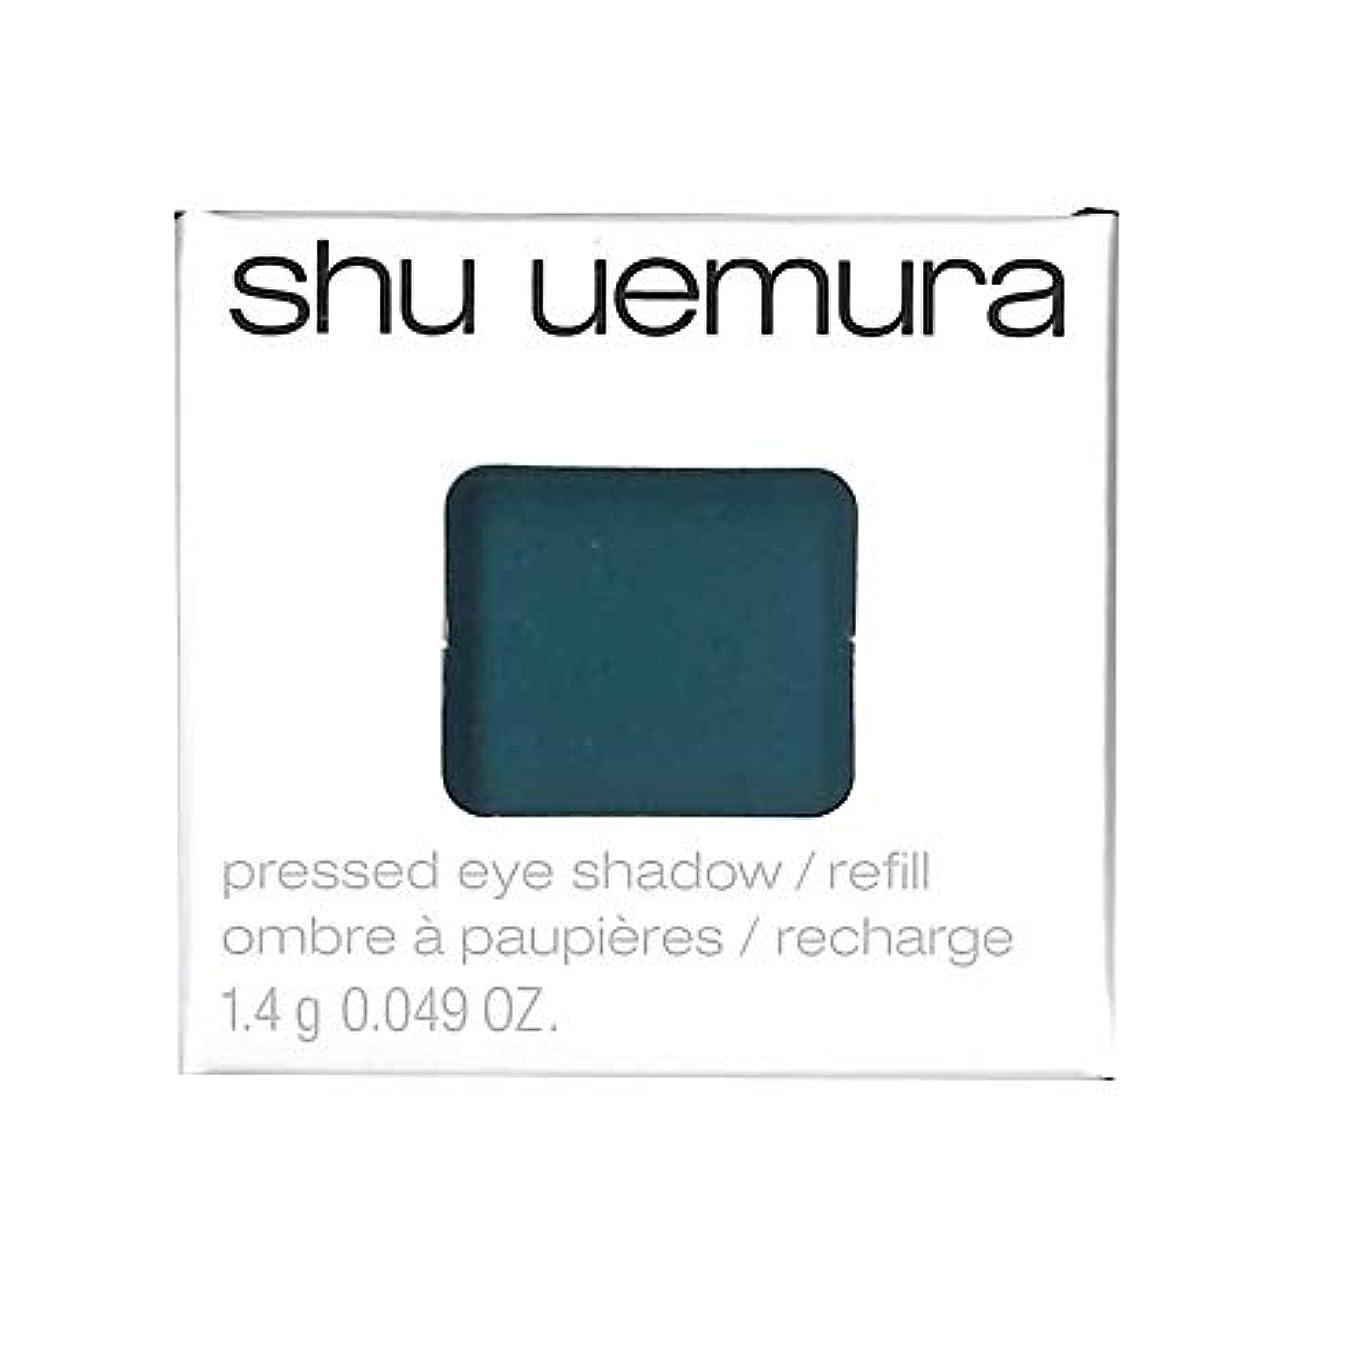 日焼け理容室近代化するプレスド アイシャドー (レフィル) M ミディアム ブルー 683